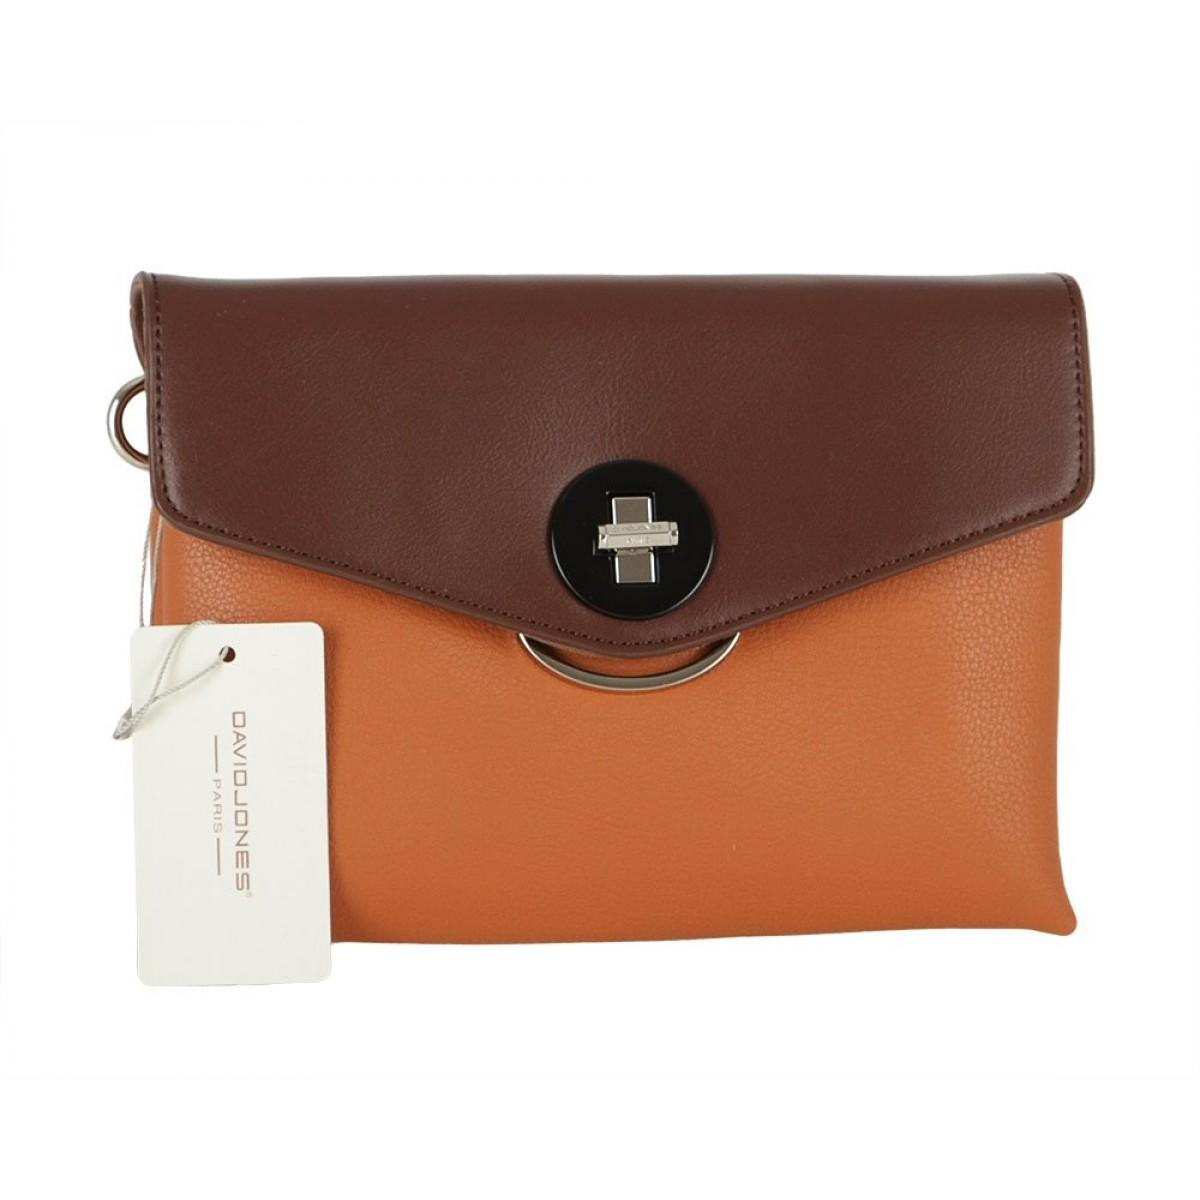 Жіноча сумка David Jones 6414-1 COGNAC